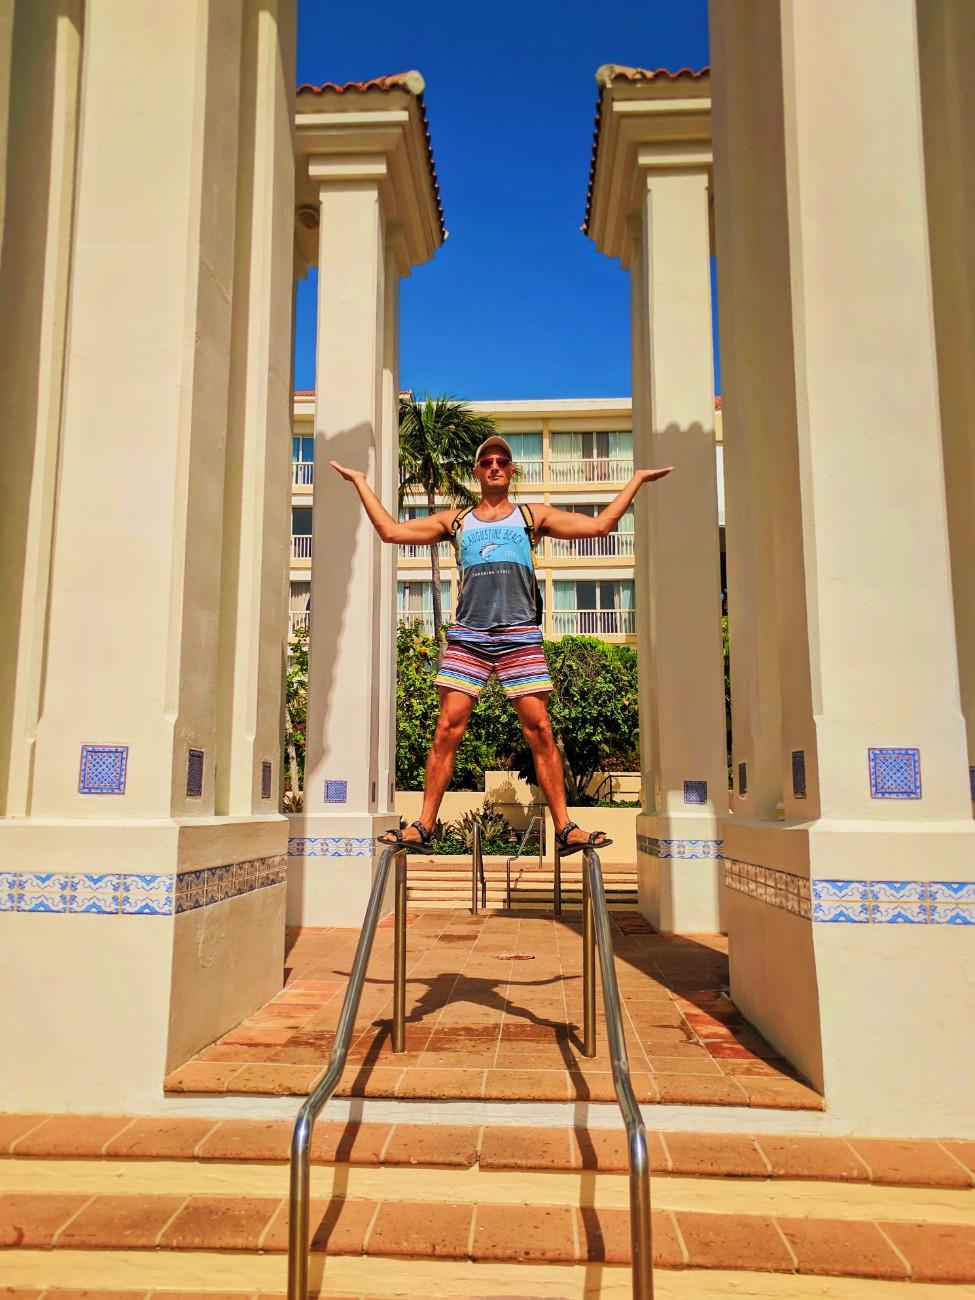 Rob Taylor by the pool at El Conquistador Resort Puerto Rico 1